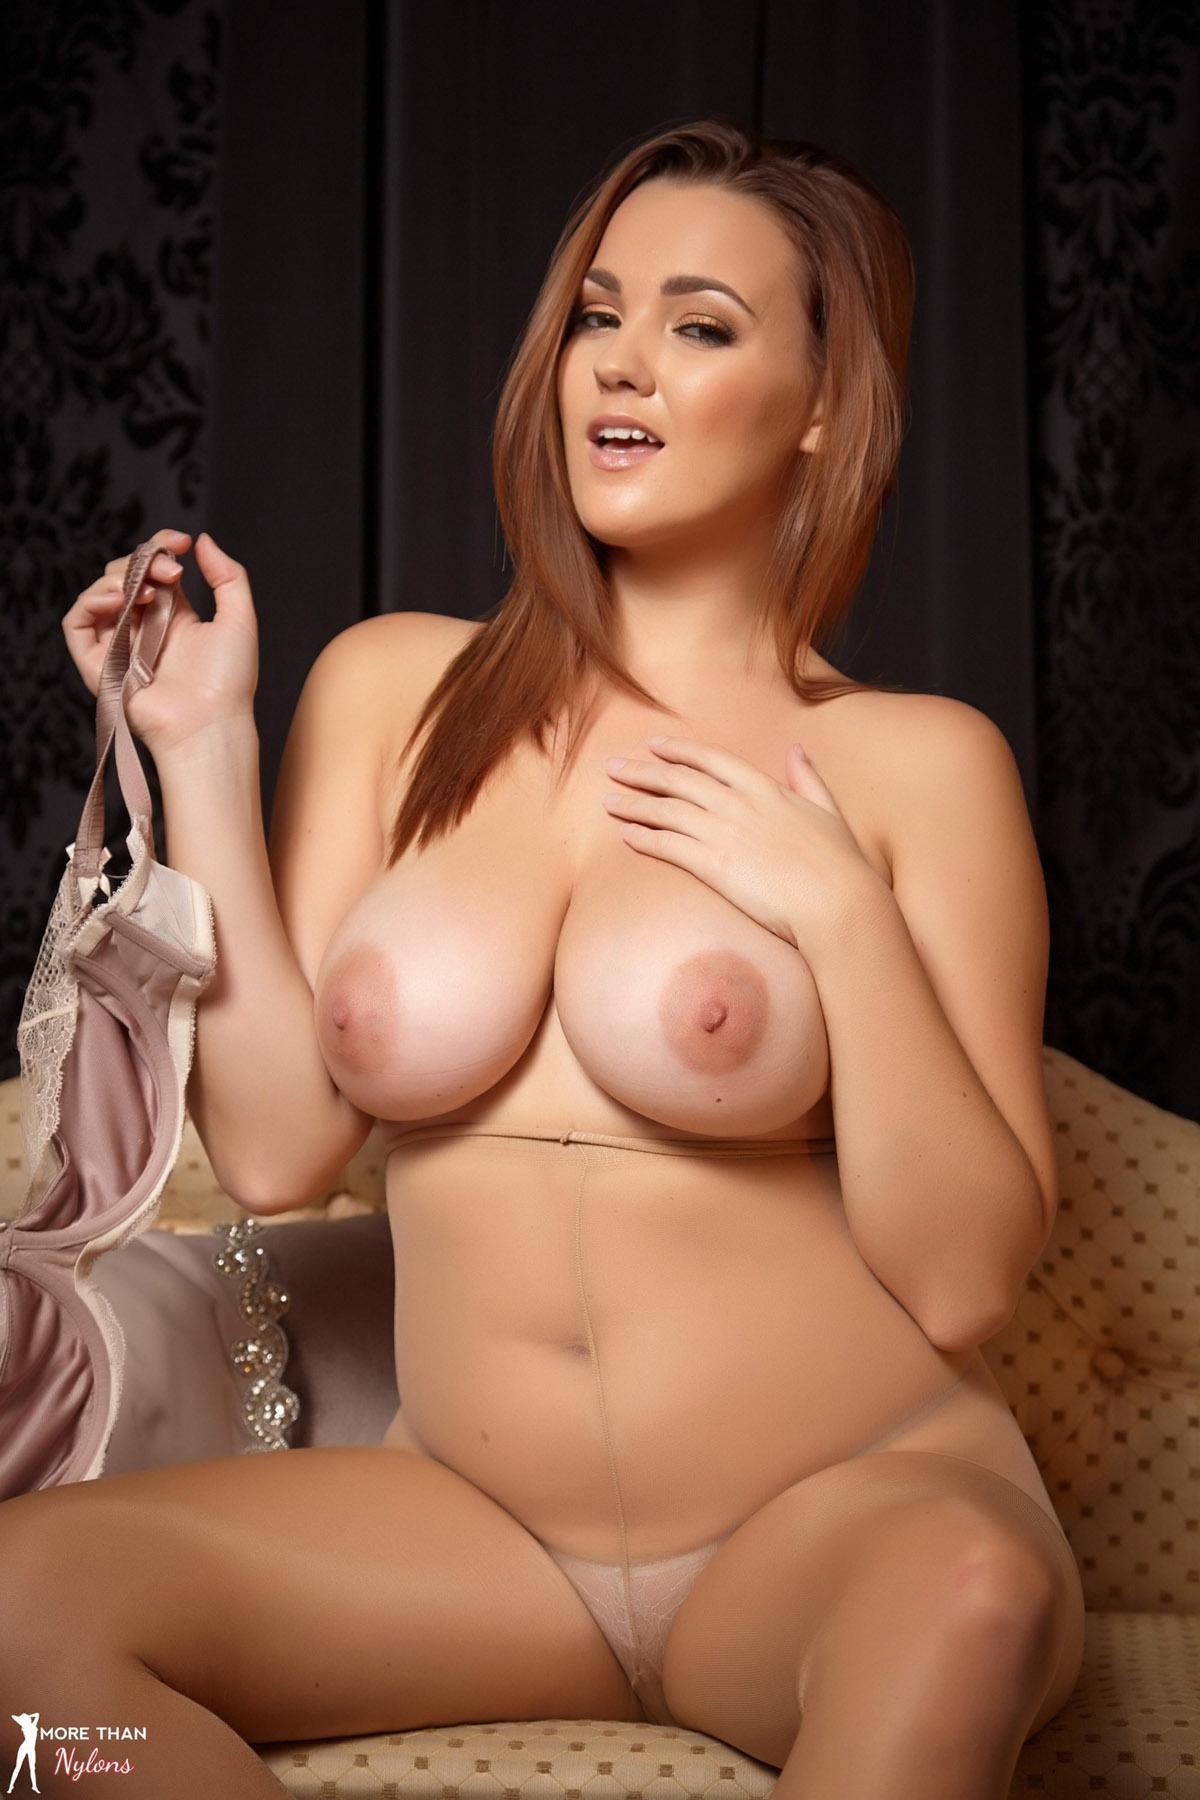 Olgun Bayan Çıplak Fotoğrafları  Hd Sikiş Porno Resimleri